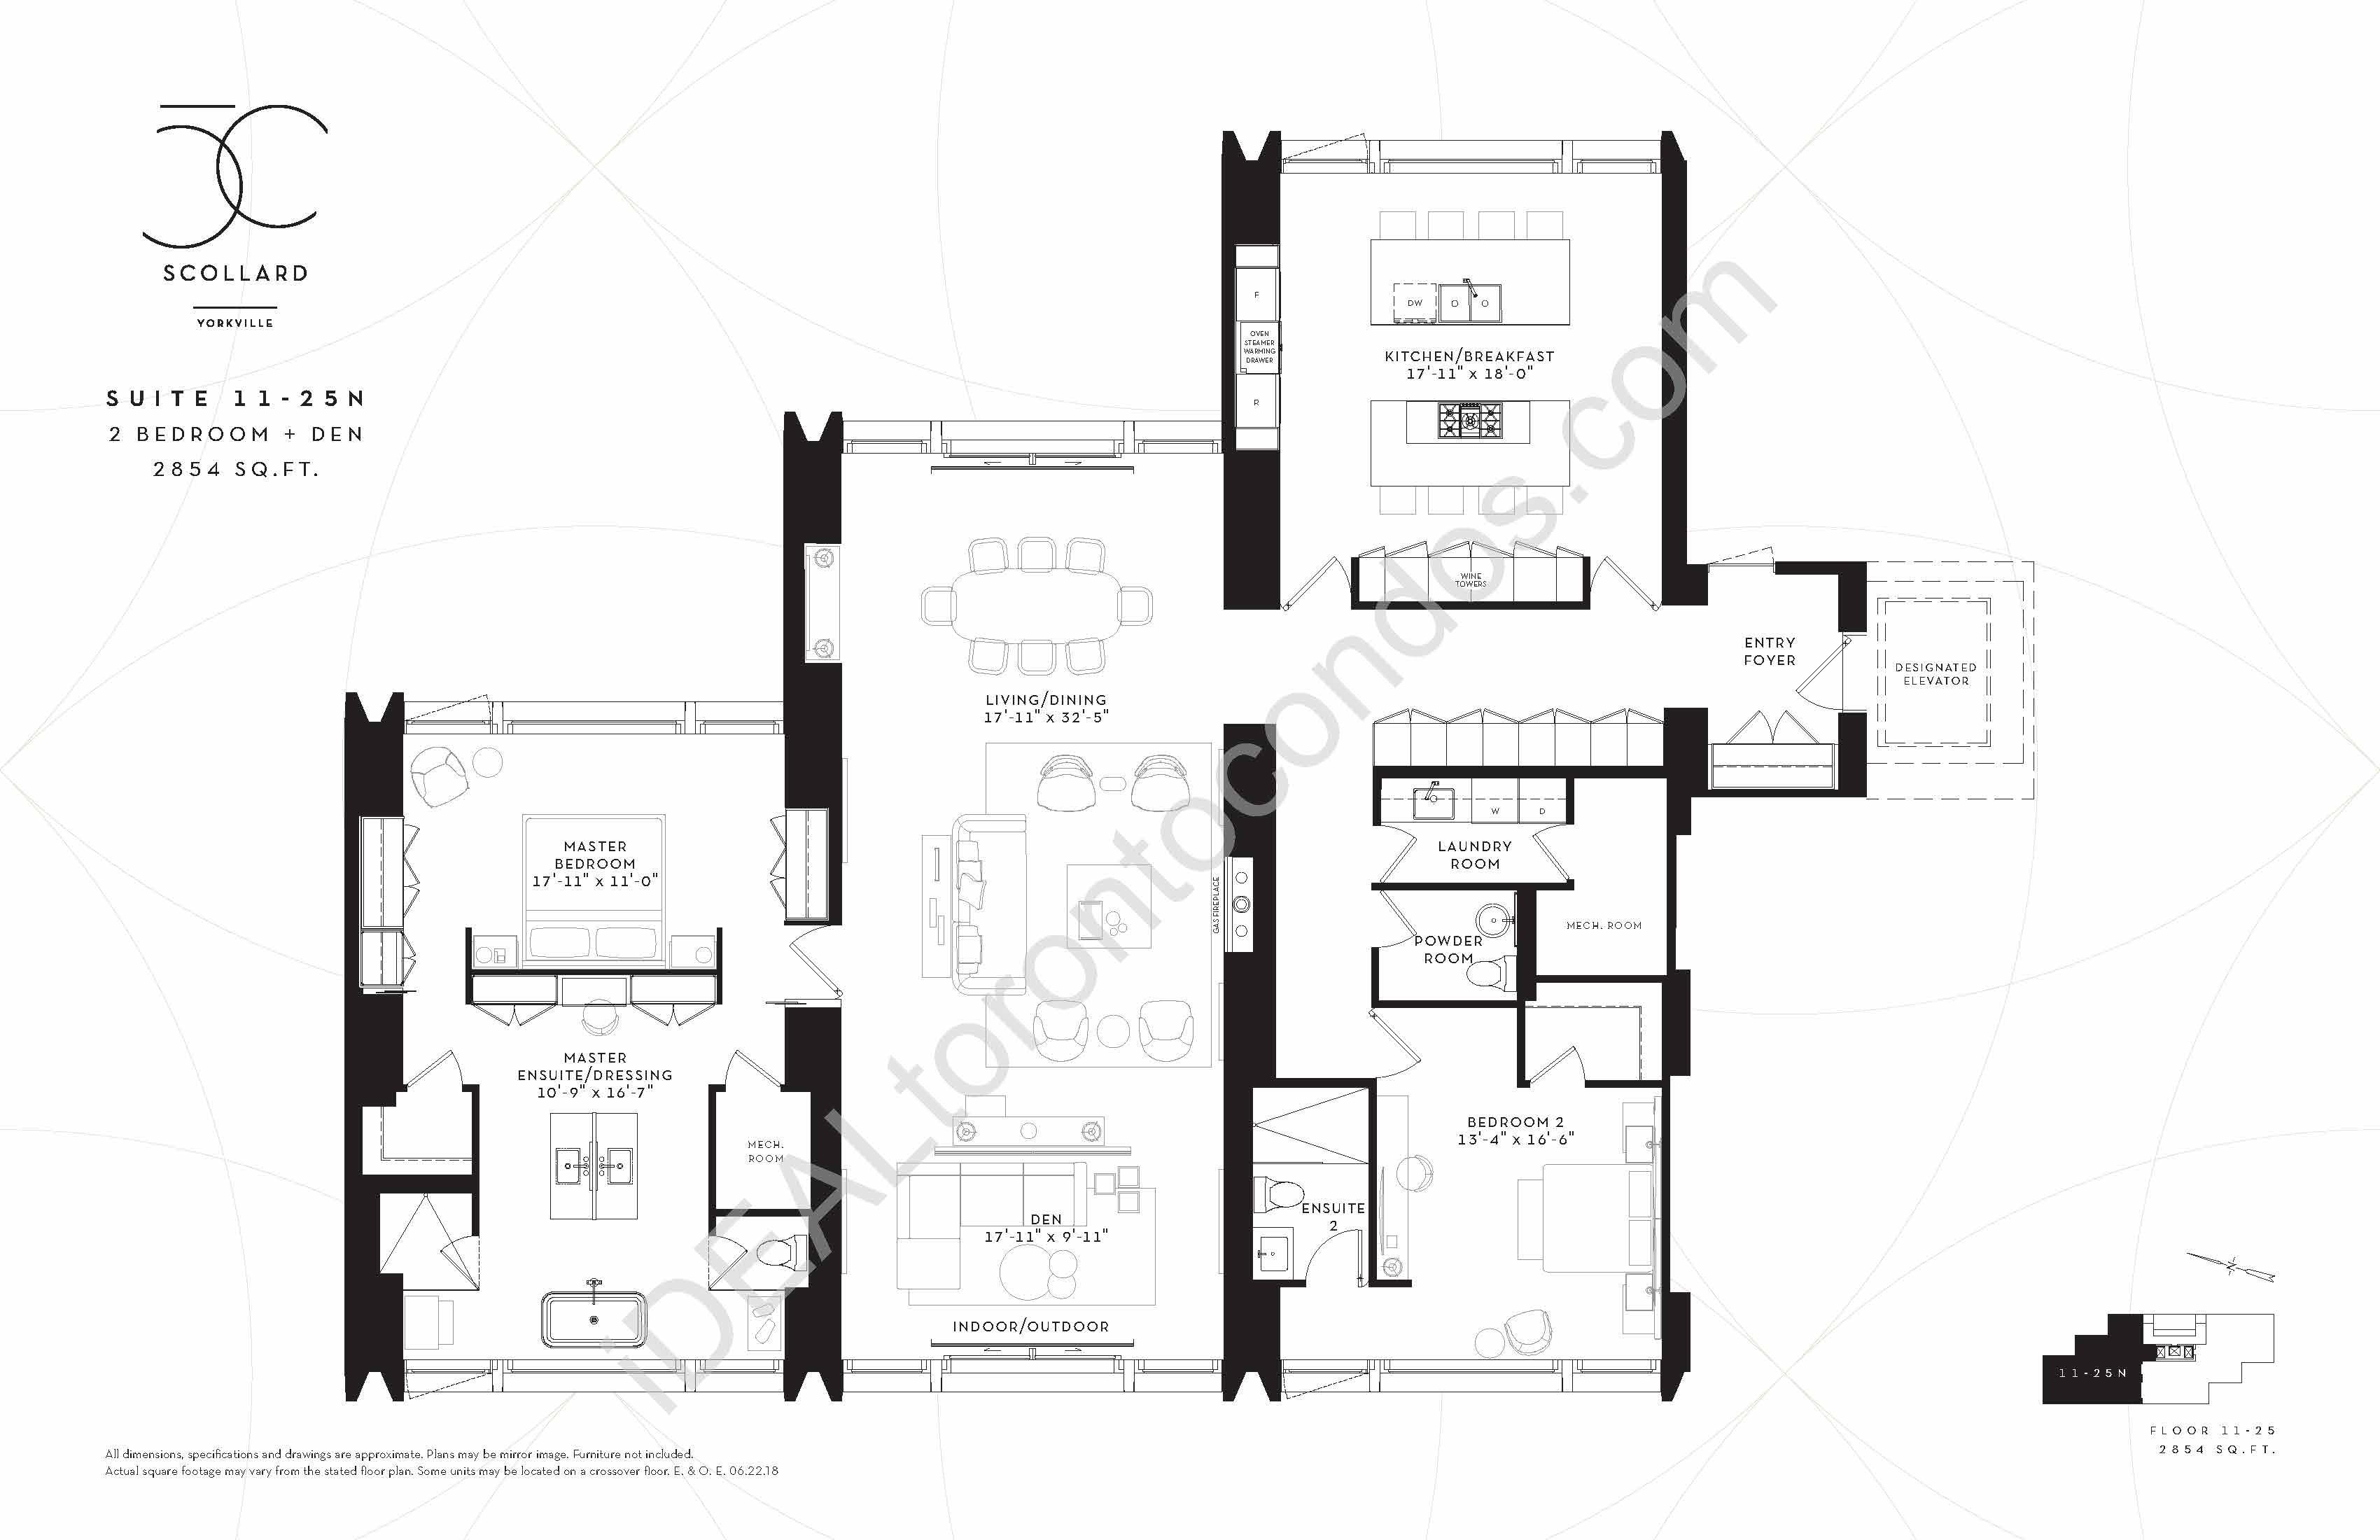 Suite 11-25 N | 2 Bedroom + Den